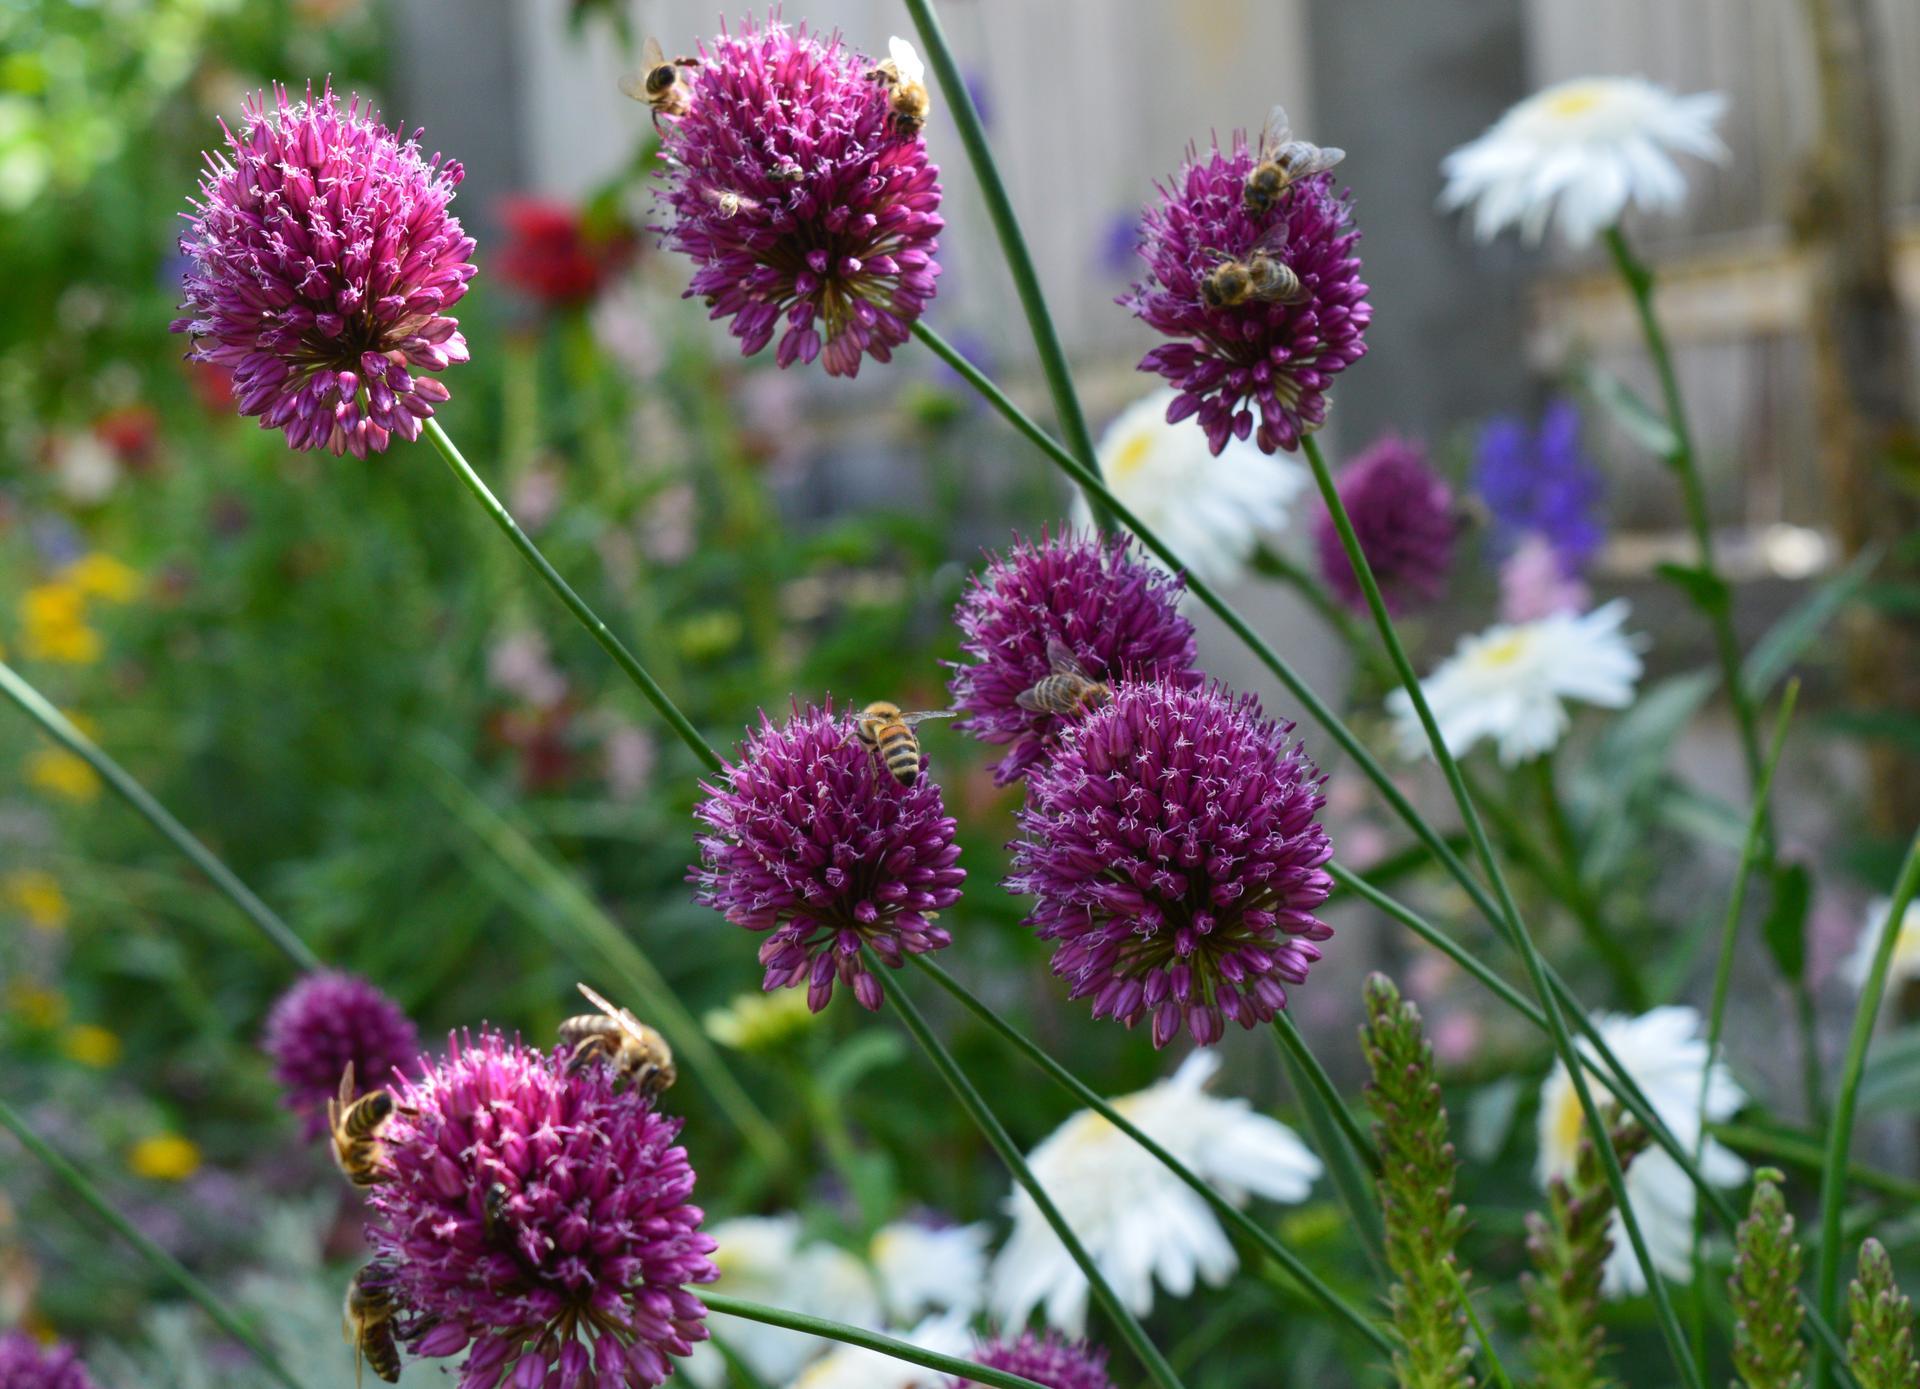 Naša prírodná perma záhradka v roku 2021 - 7/2021 - cesnaky sú milované včielkami